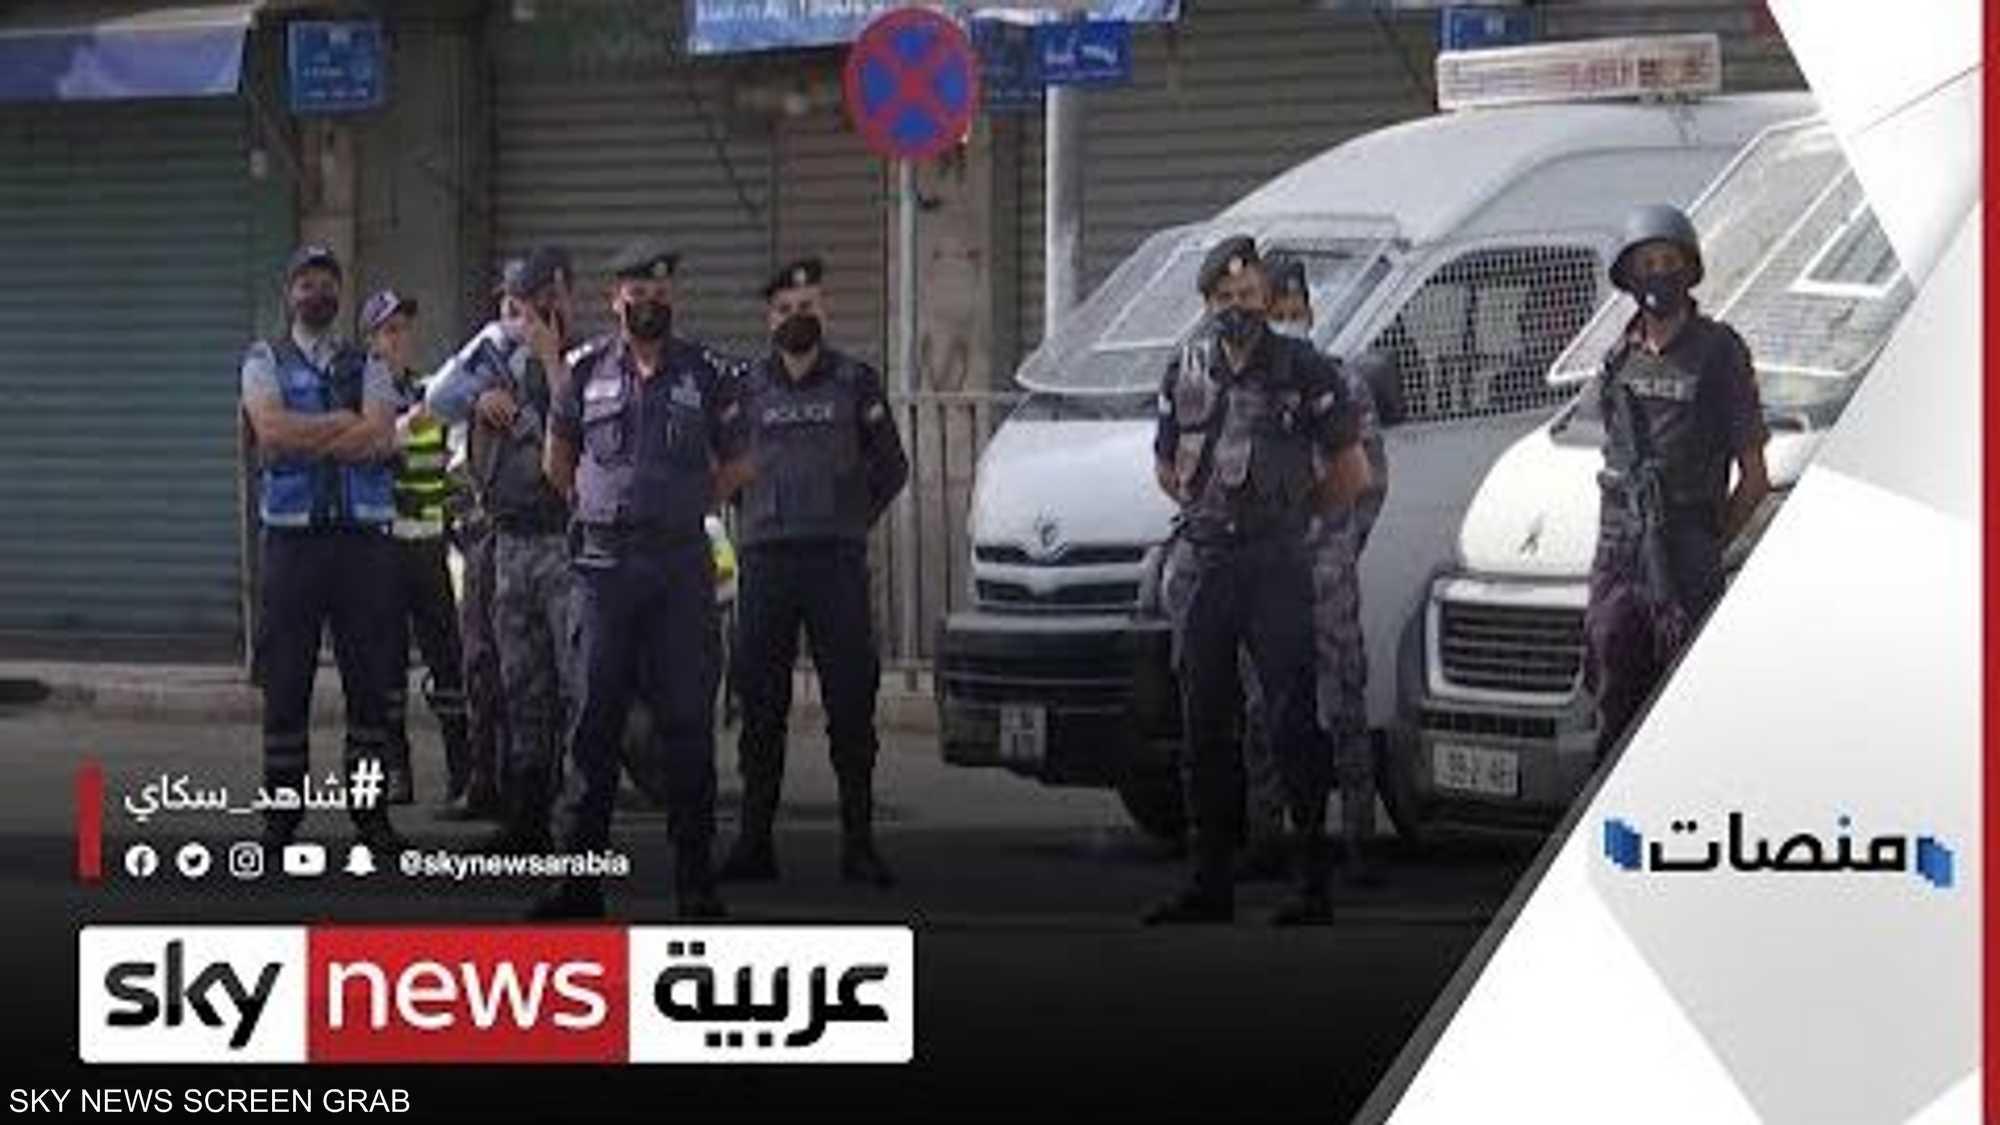 """بعد جريمة الزرقاء..الأمن الأردني يهاجم أوكار """"البلطجية"""" بعنف"""